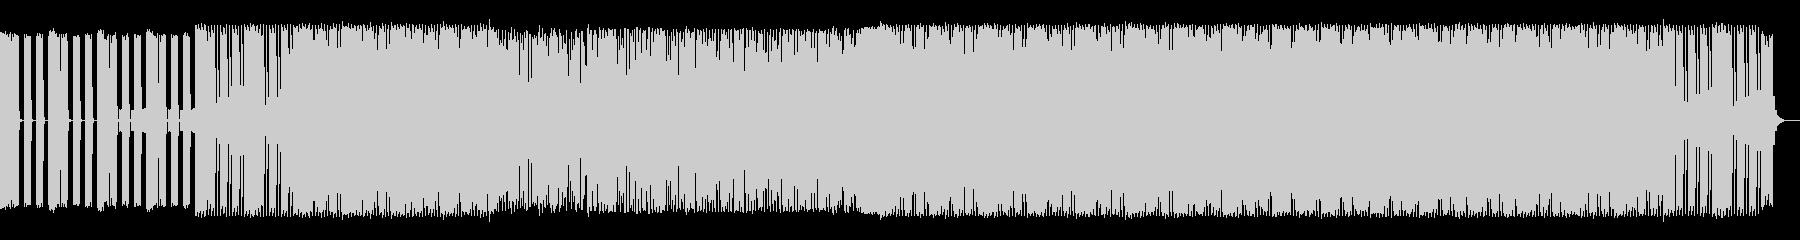 爽やかで躍動感のあるハウス系BGM 夏の未再生の波形